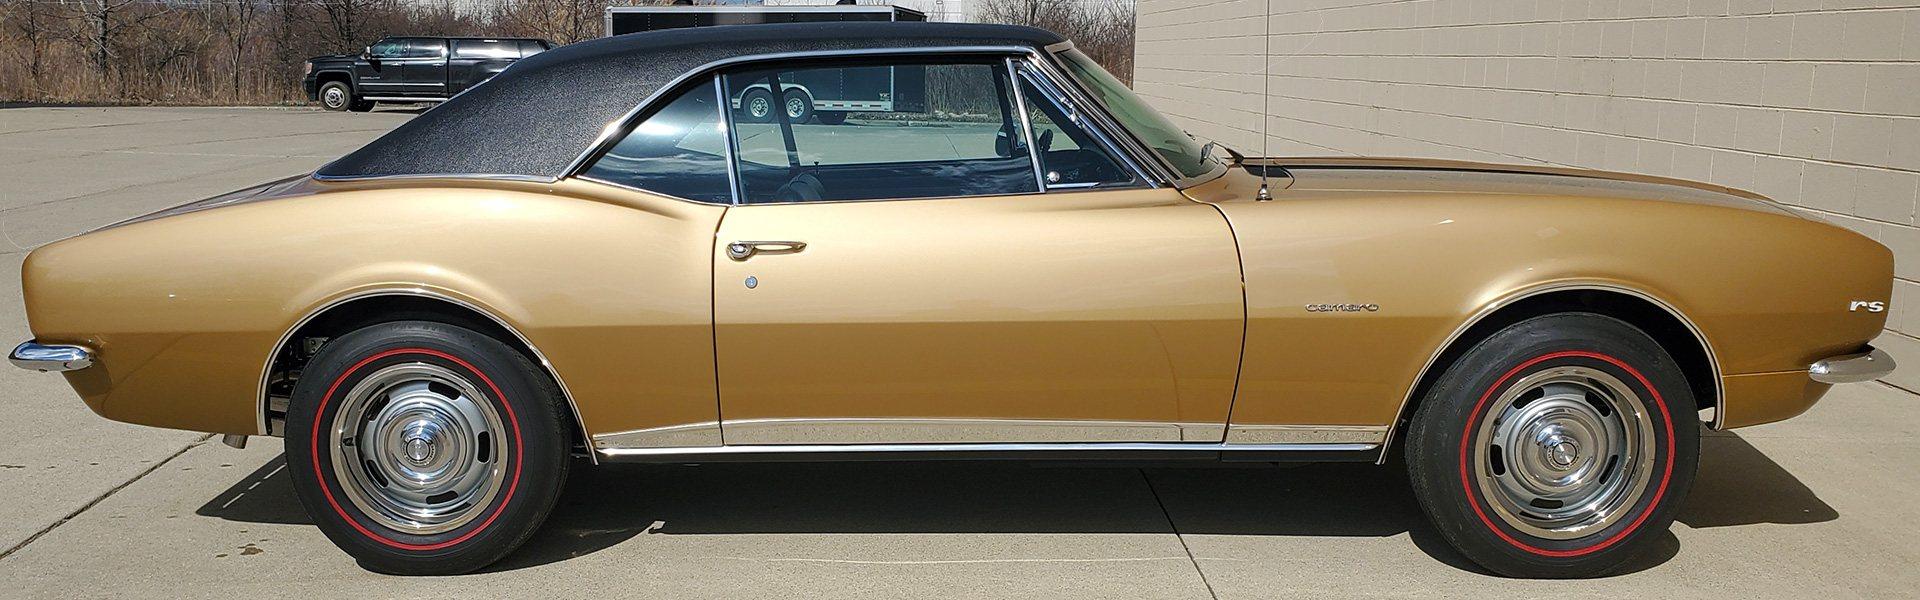 1967 Camaro Z/28 RS 302-290 HP Grenada Gold